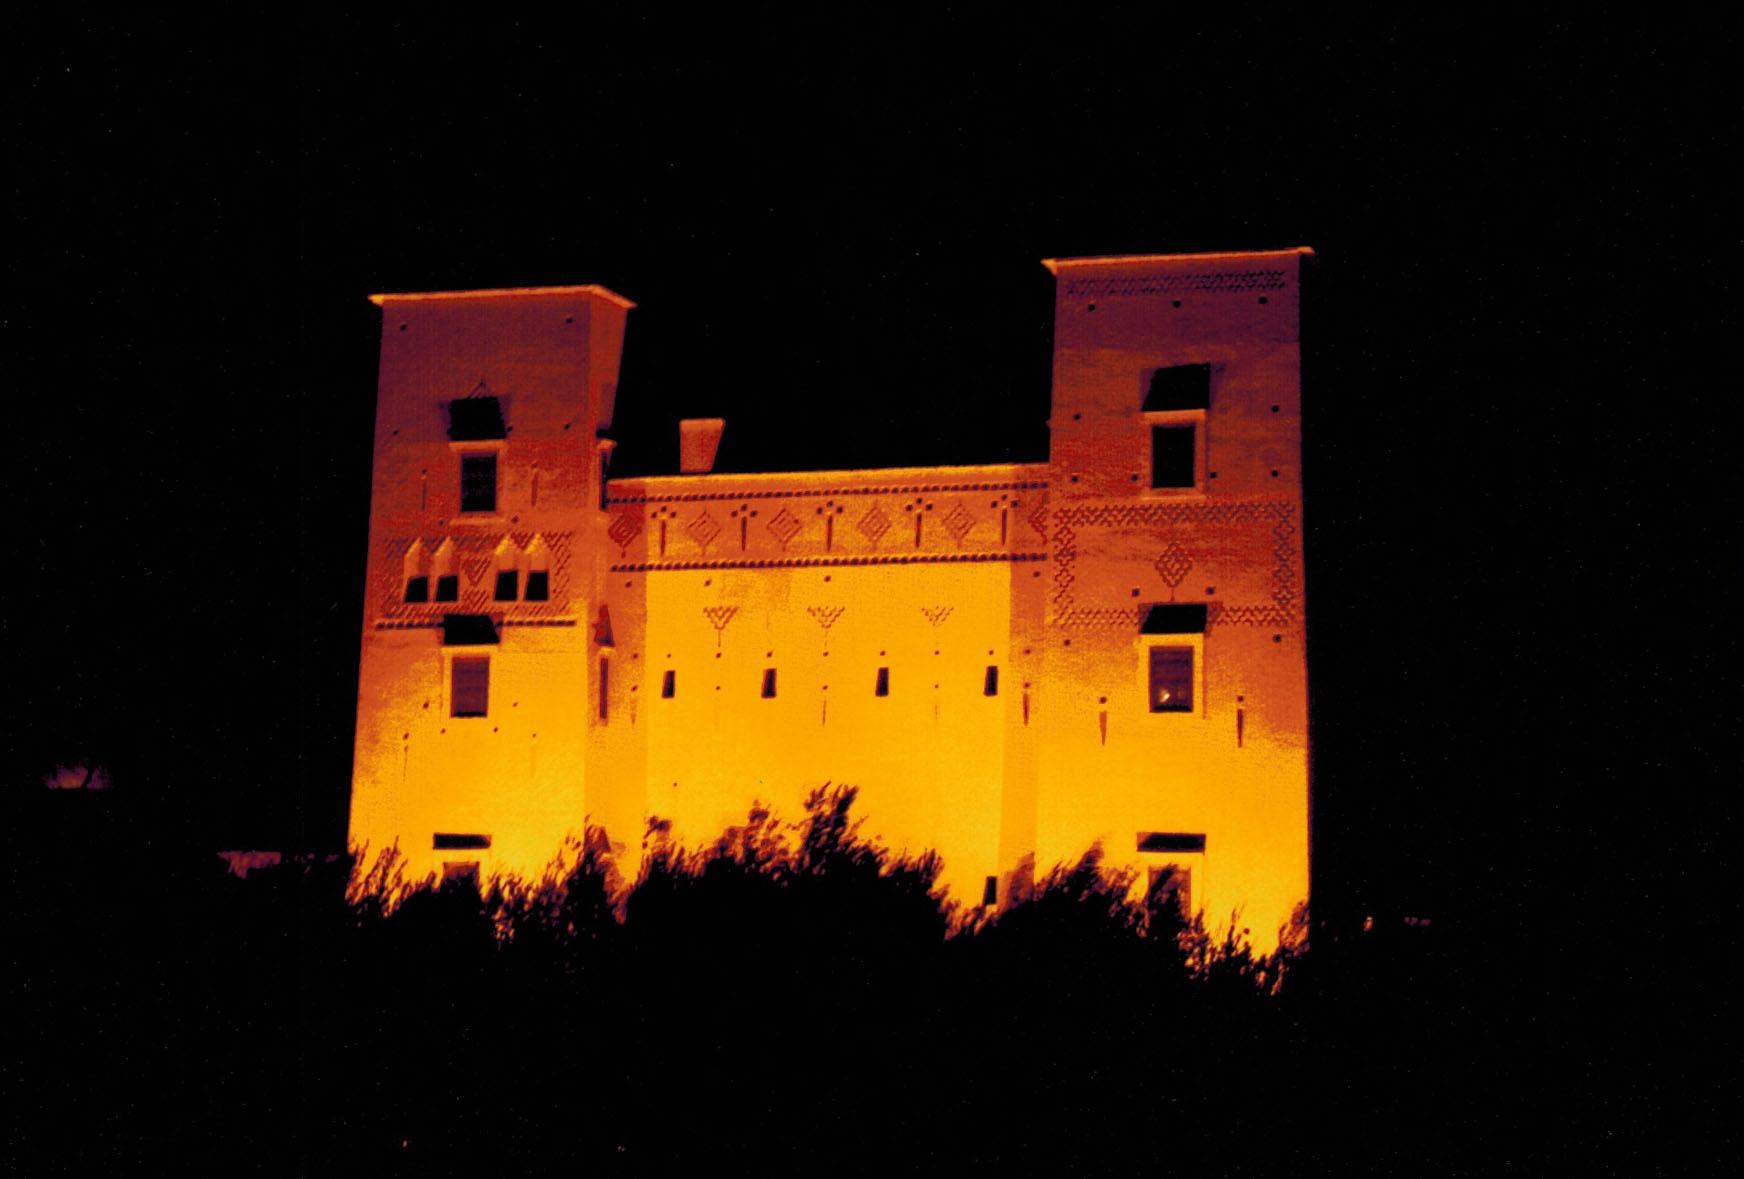 Dar Ahlam kasbah in Skoura, Morocco